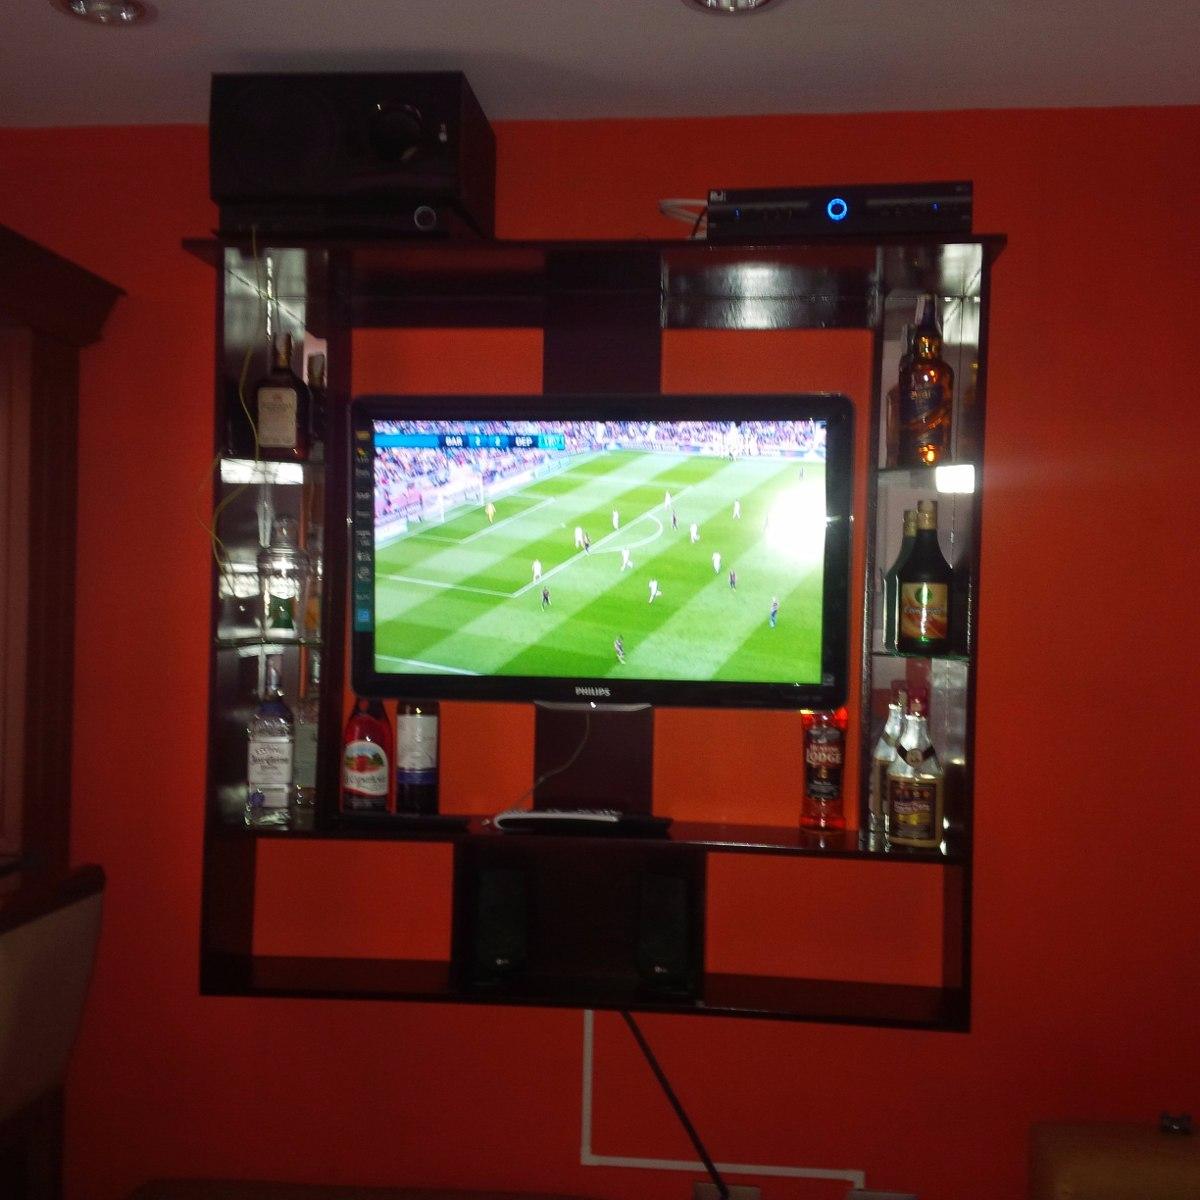 Muebles Para Tv Modernos En Guadalajara Cddigi Com # Muebles Modernos En Guadalajara